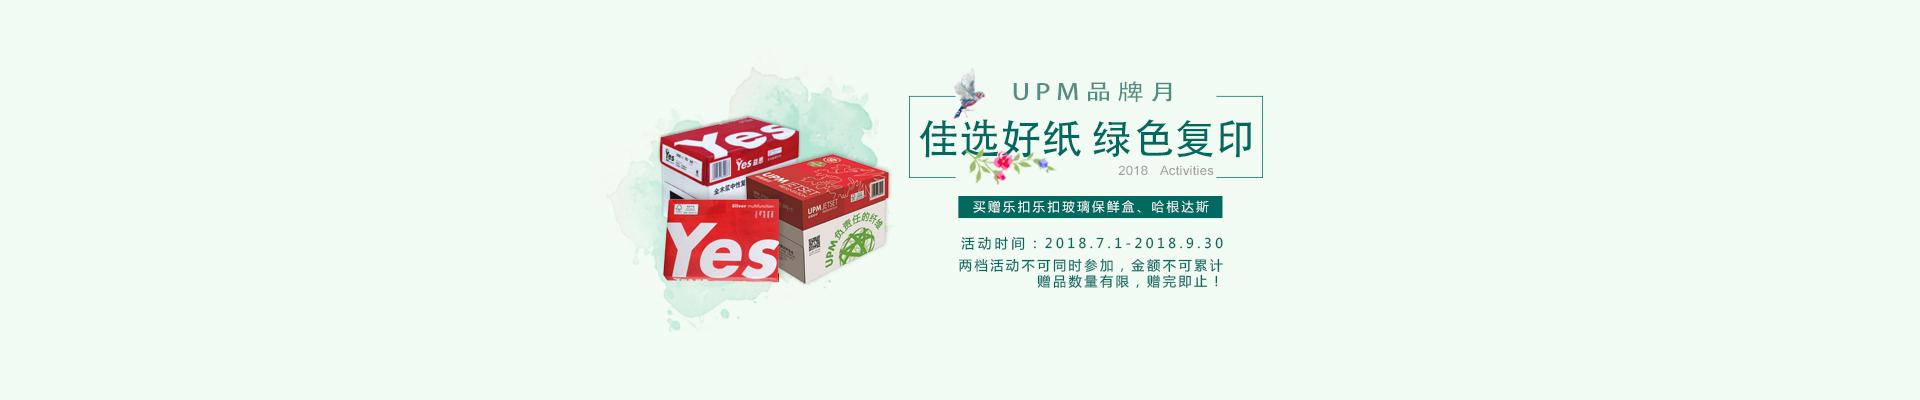 UPM复印纸